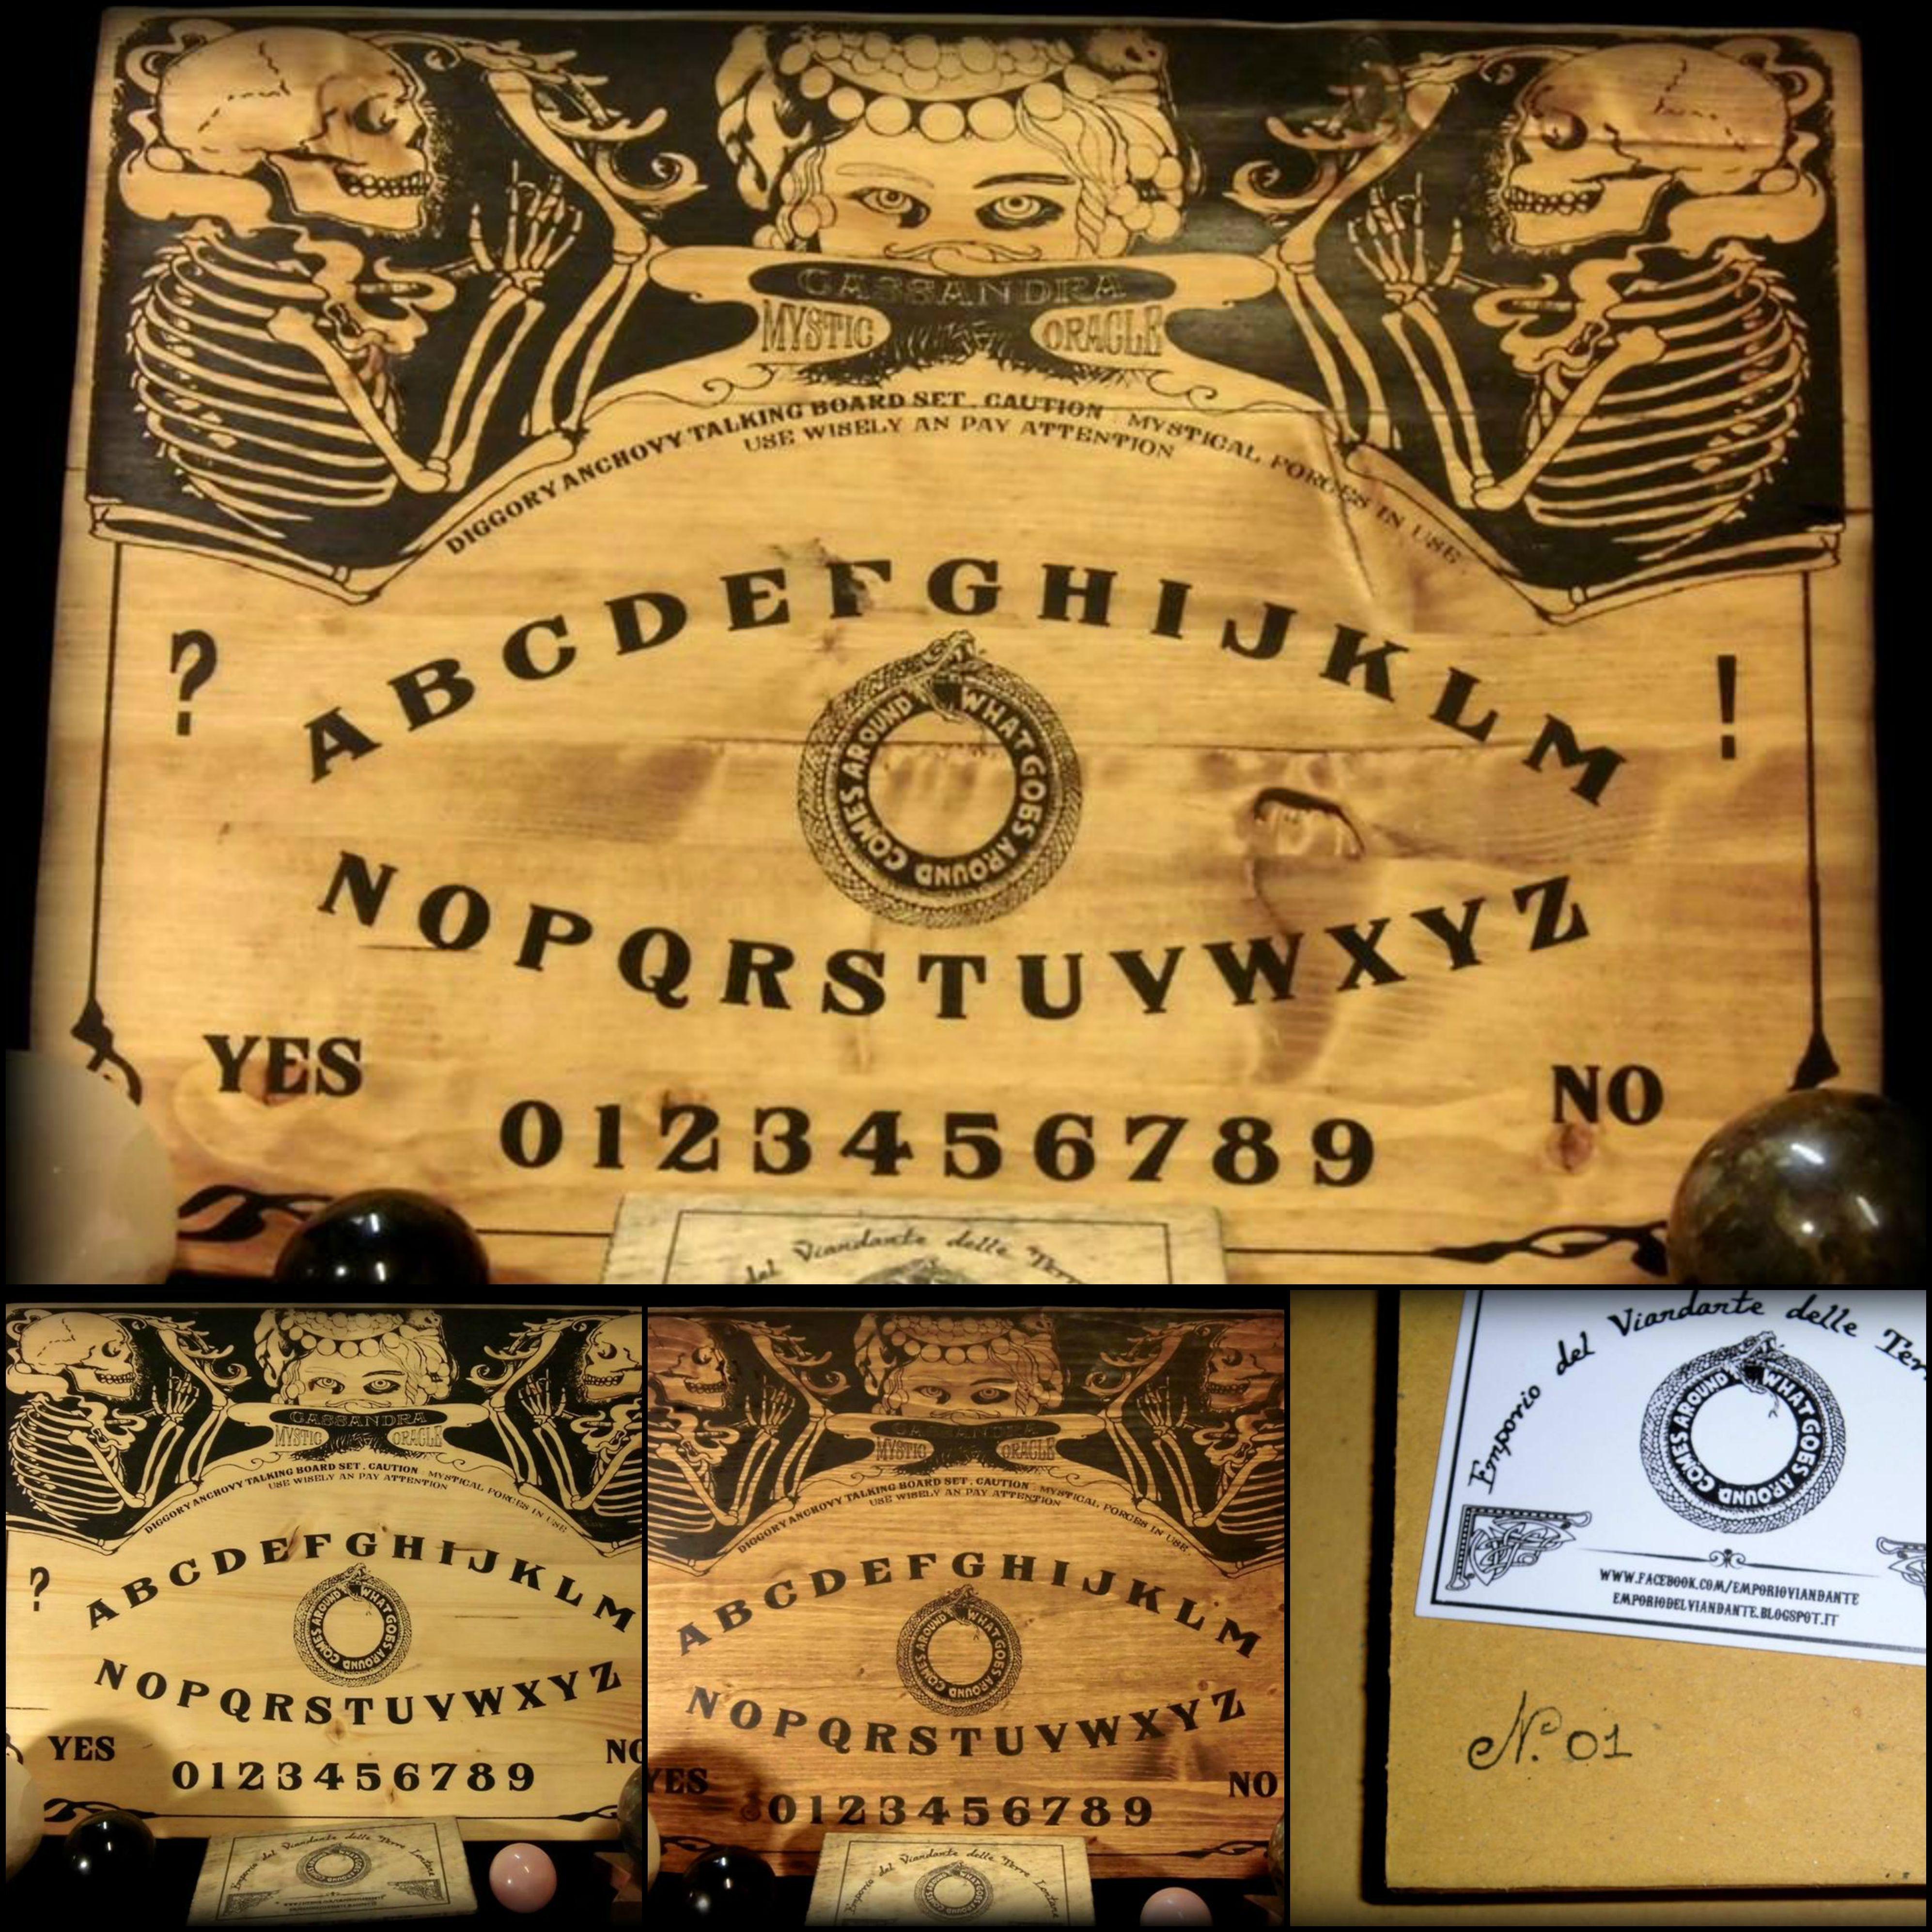 Cassandra Mystic Oracle ( tavola ouija) nelle tre varianti di colore, rispettivamente : medio , chiaro e scuro su tavole di legno di abete.  30 x 42 cm spessore 18mm con planchette di legno leggera in omaggio  35 euro + spedizione (9.90) disegnate da emporio del viandante  www.facebook.com/emporioviandante